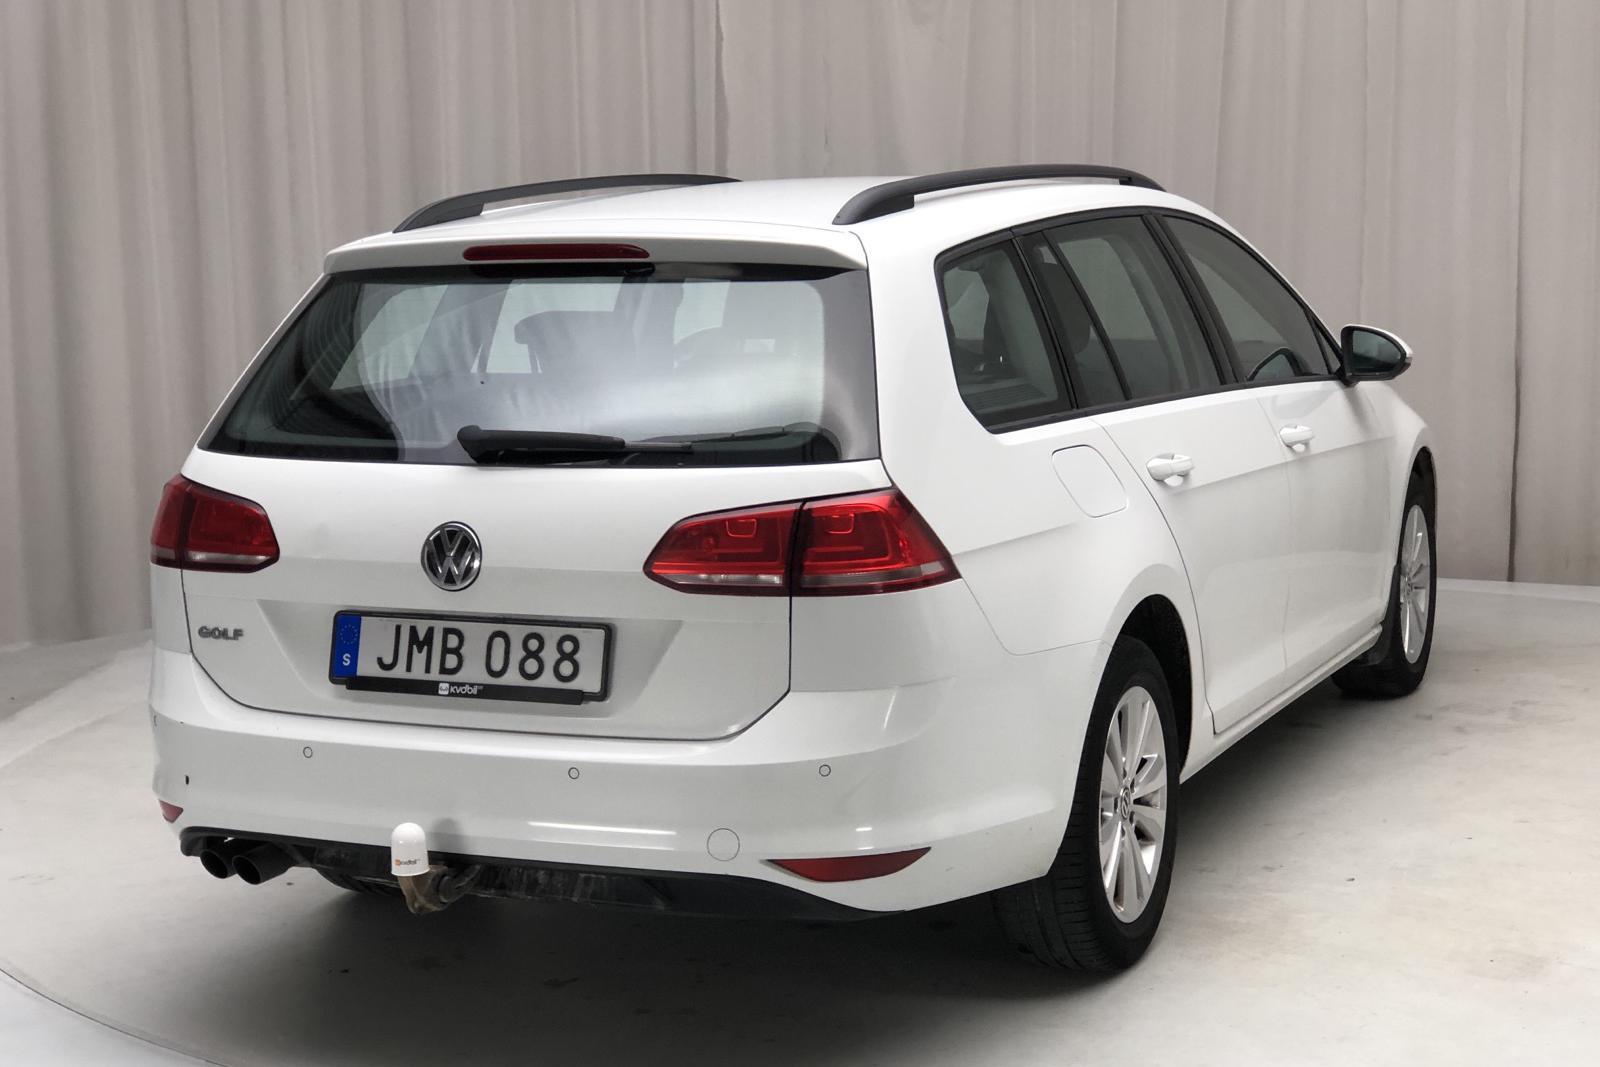 VW Golf VII 1.4 TSI Multifuel Sportscombi (125hk) - 0 mil - Manuell - vit - 2015